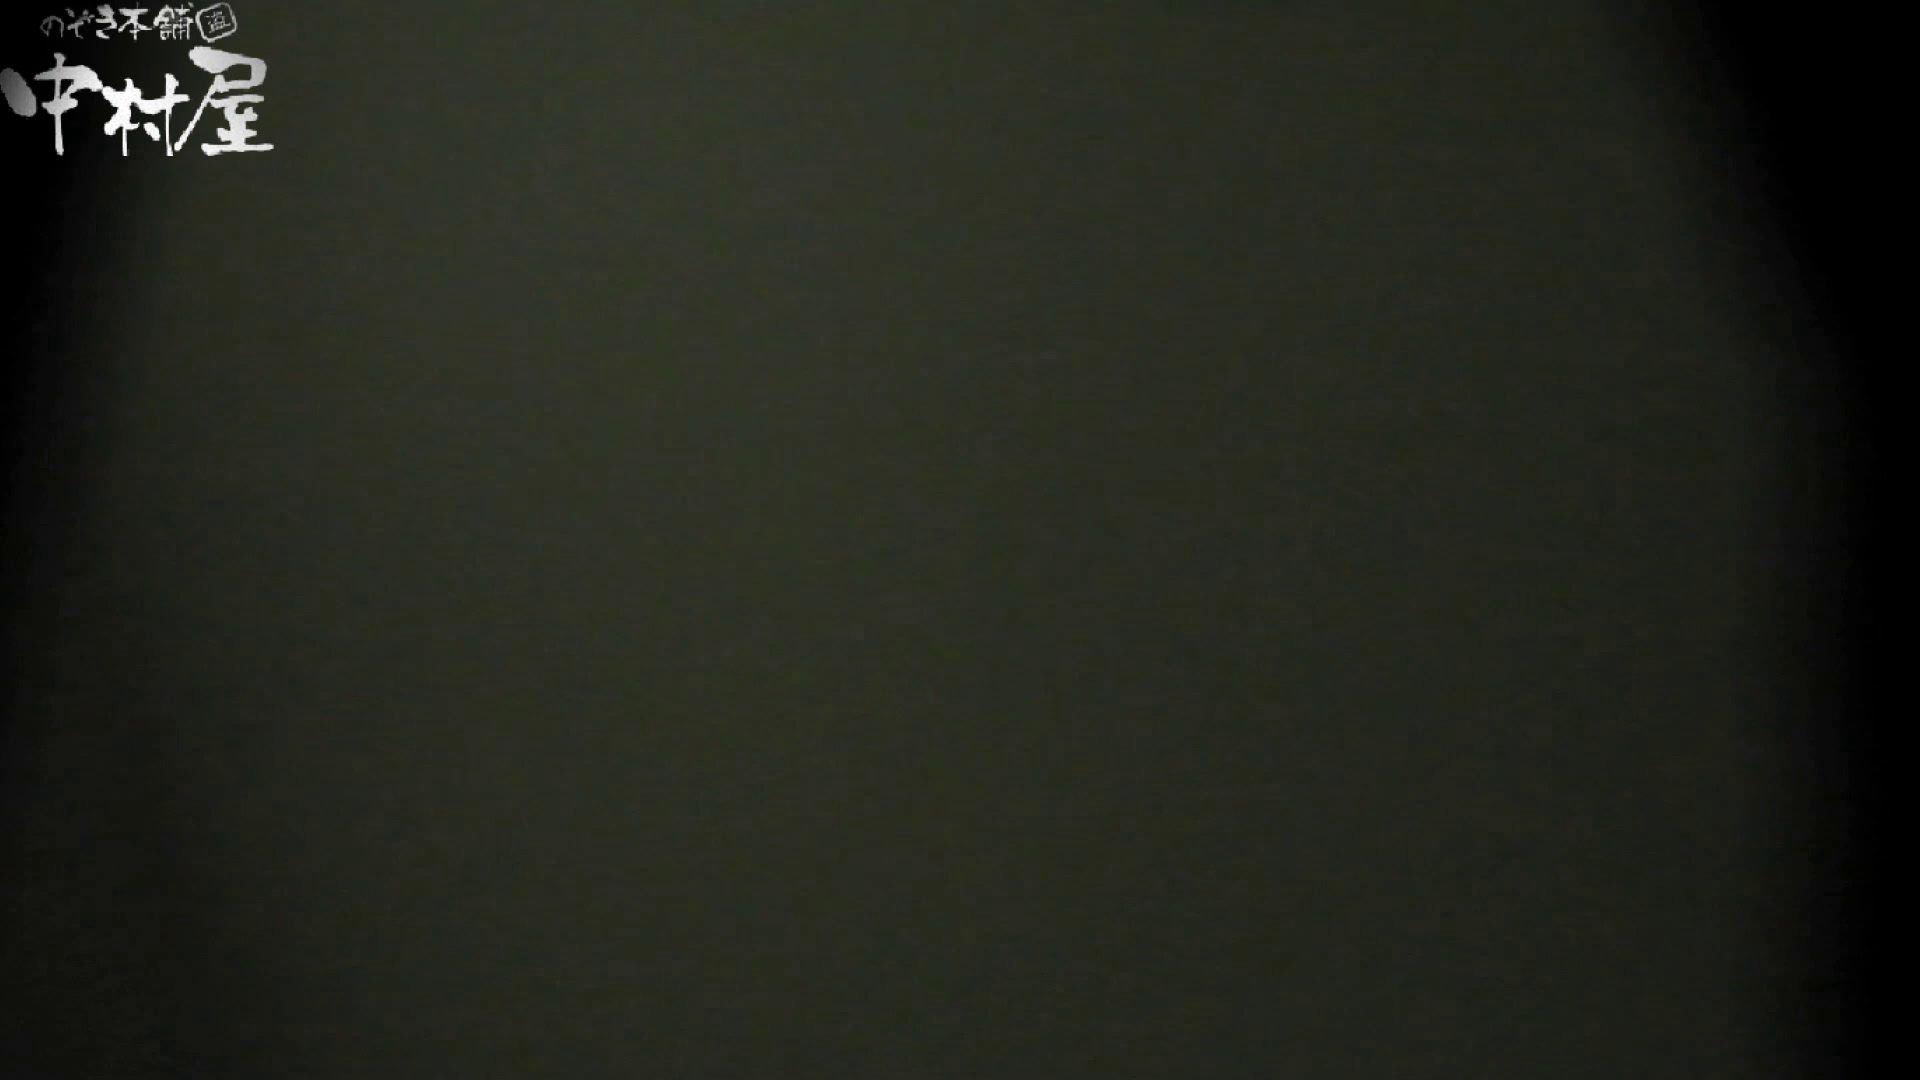 世界の射窓から~ステーション編~vol40 更に画質アップ!! OLエロ画像  57PICs 2